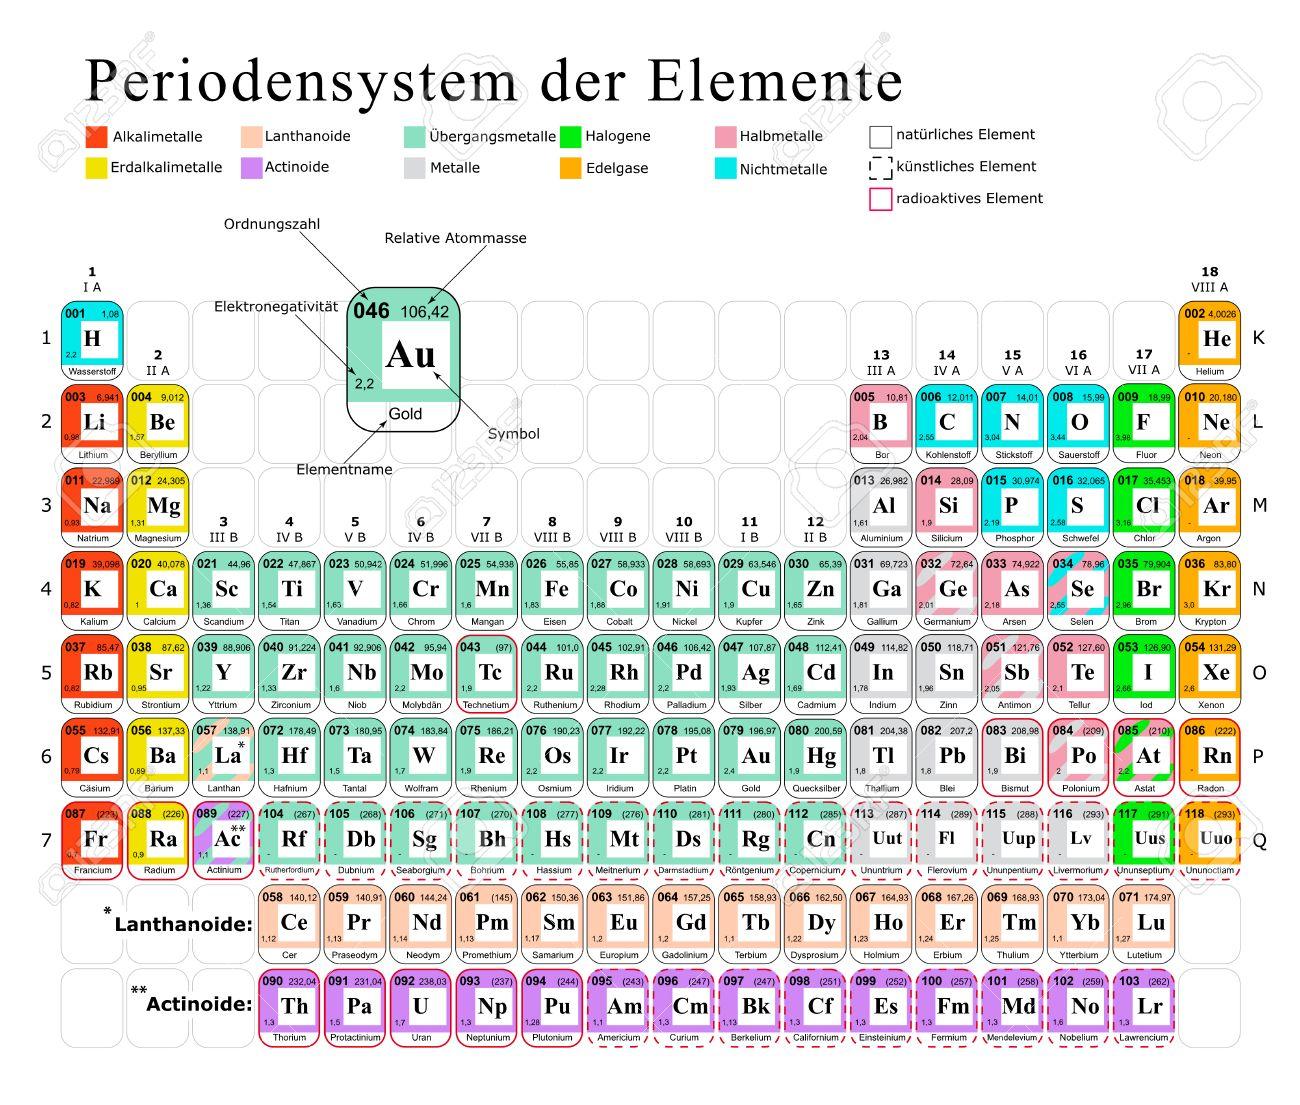 カラフルな 2次元周期表元素壁紙 学習とドイツ語の勉強のイラスト